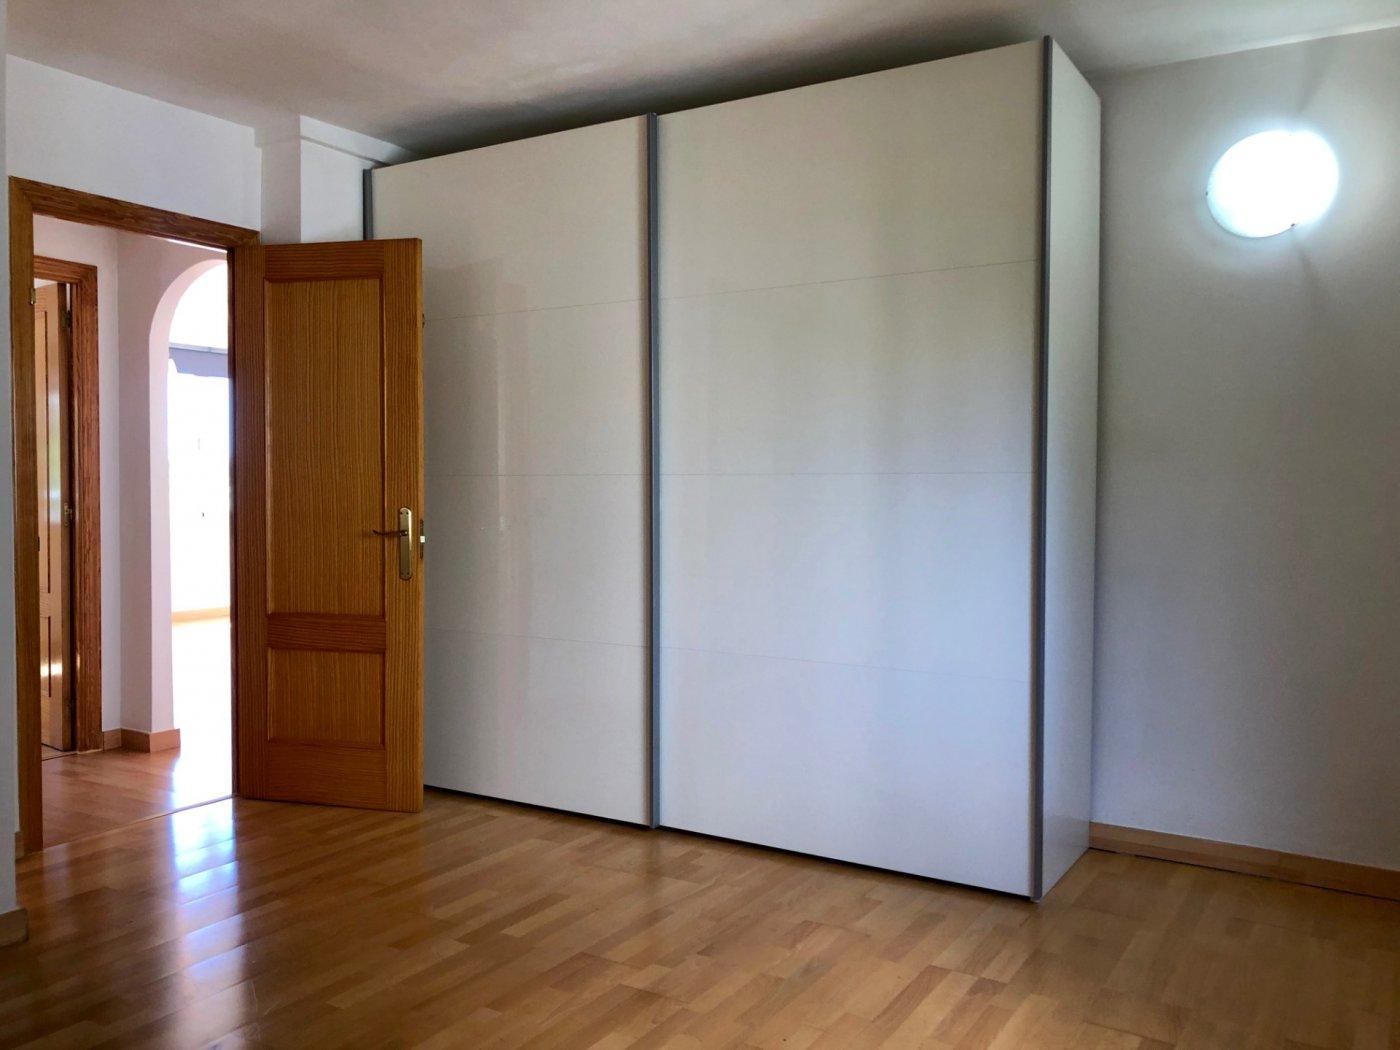 Coqueto piso de 2 dormitorios con plaza de aparcamiento en la vileta - precio: 800?/mes - imagenInmueble7